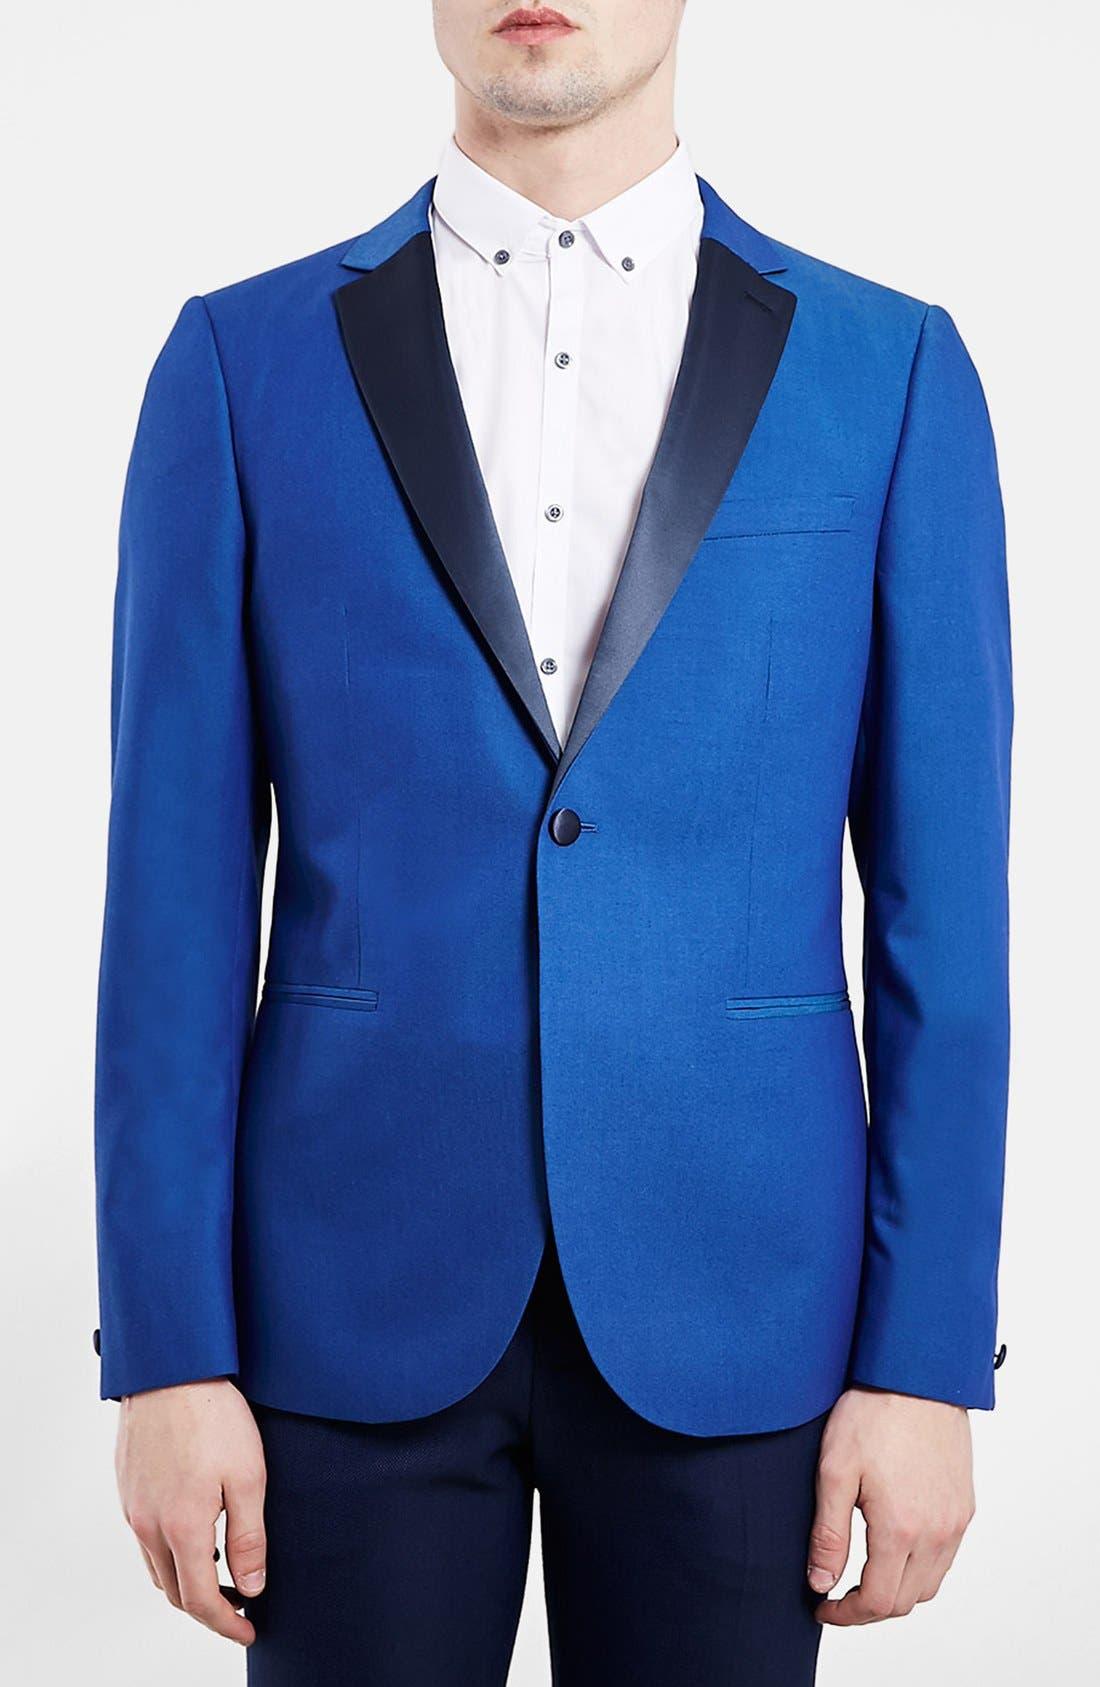 TOPMAN, Blue Skinny Fit Tuxedo Jacket, Main thumbnail 1, color, 400